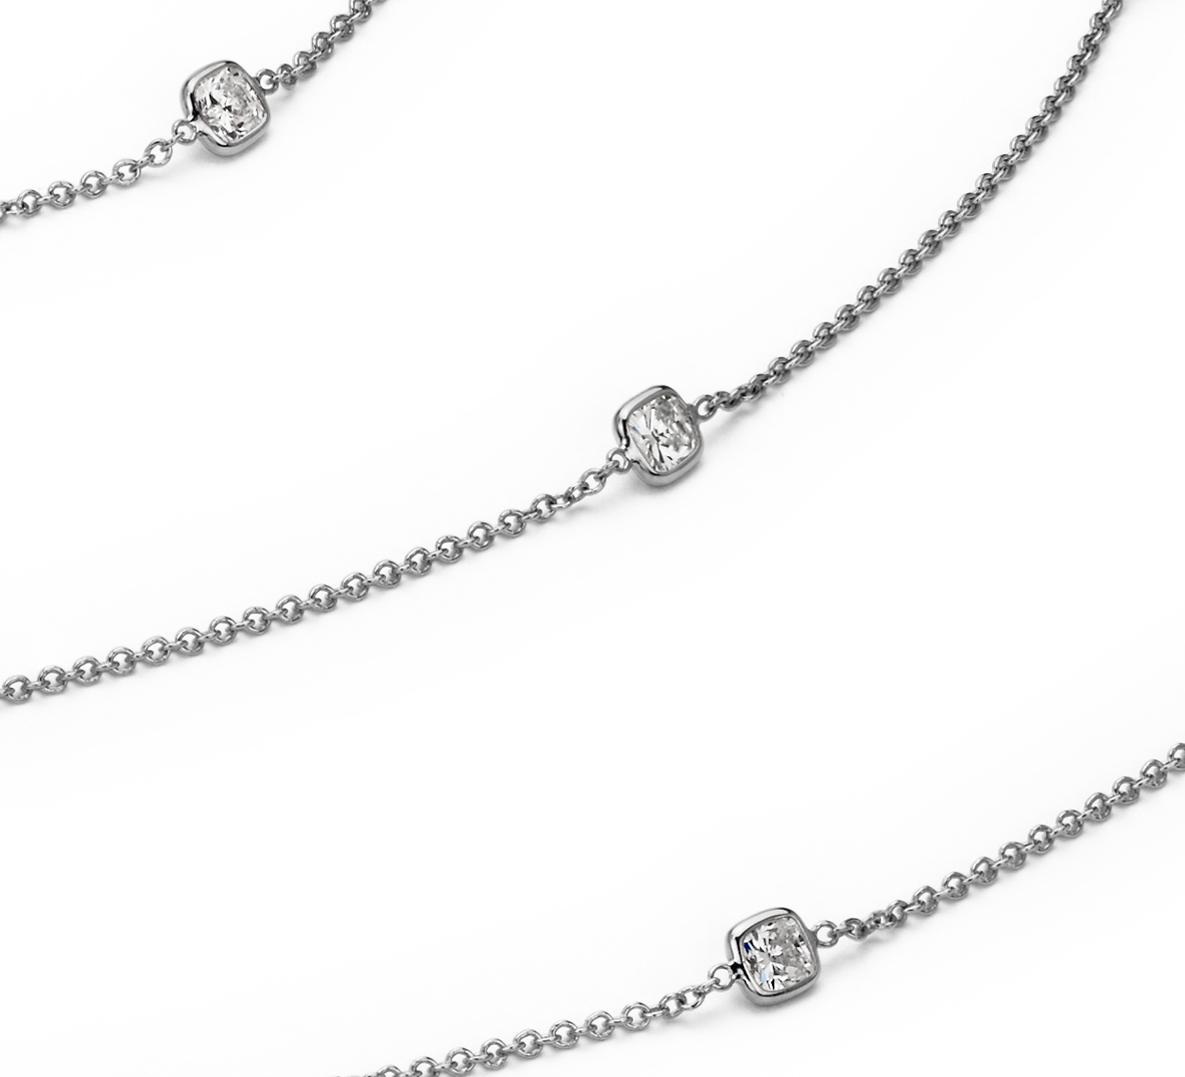 Collar de diamantes en bisel de talla cojín Fancies by the Yard en oro blanco de 18 k (7 qt. total)